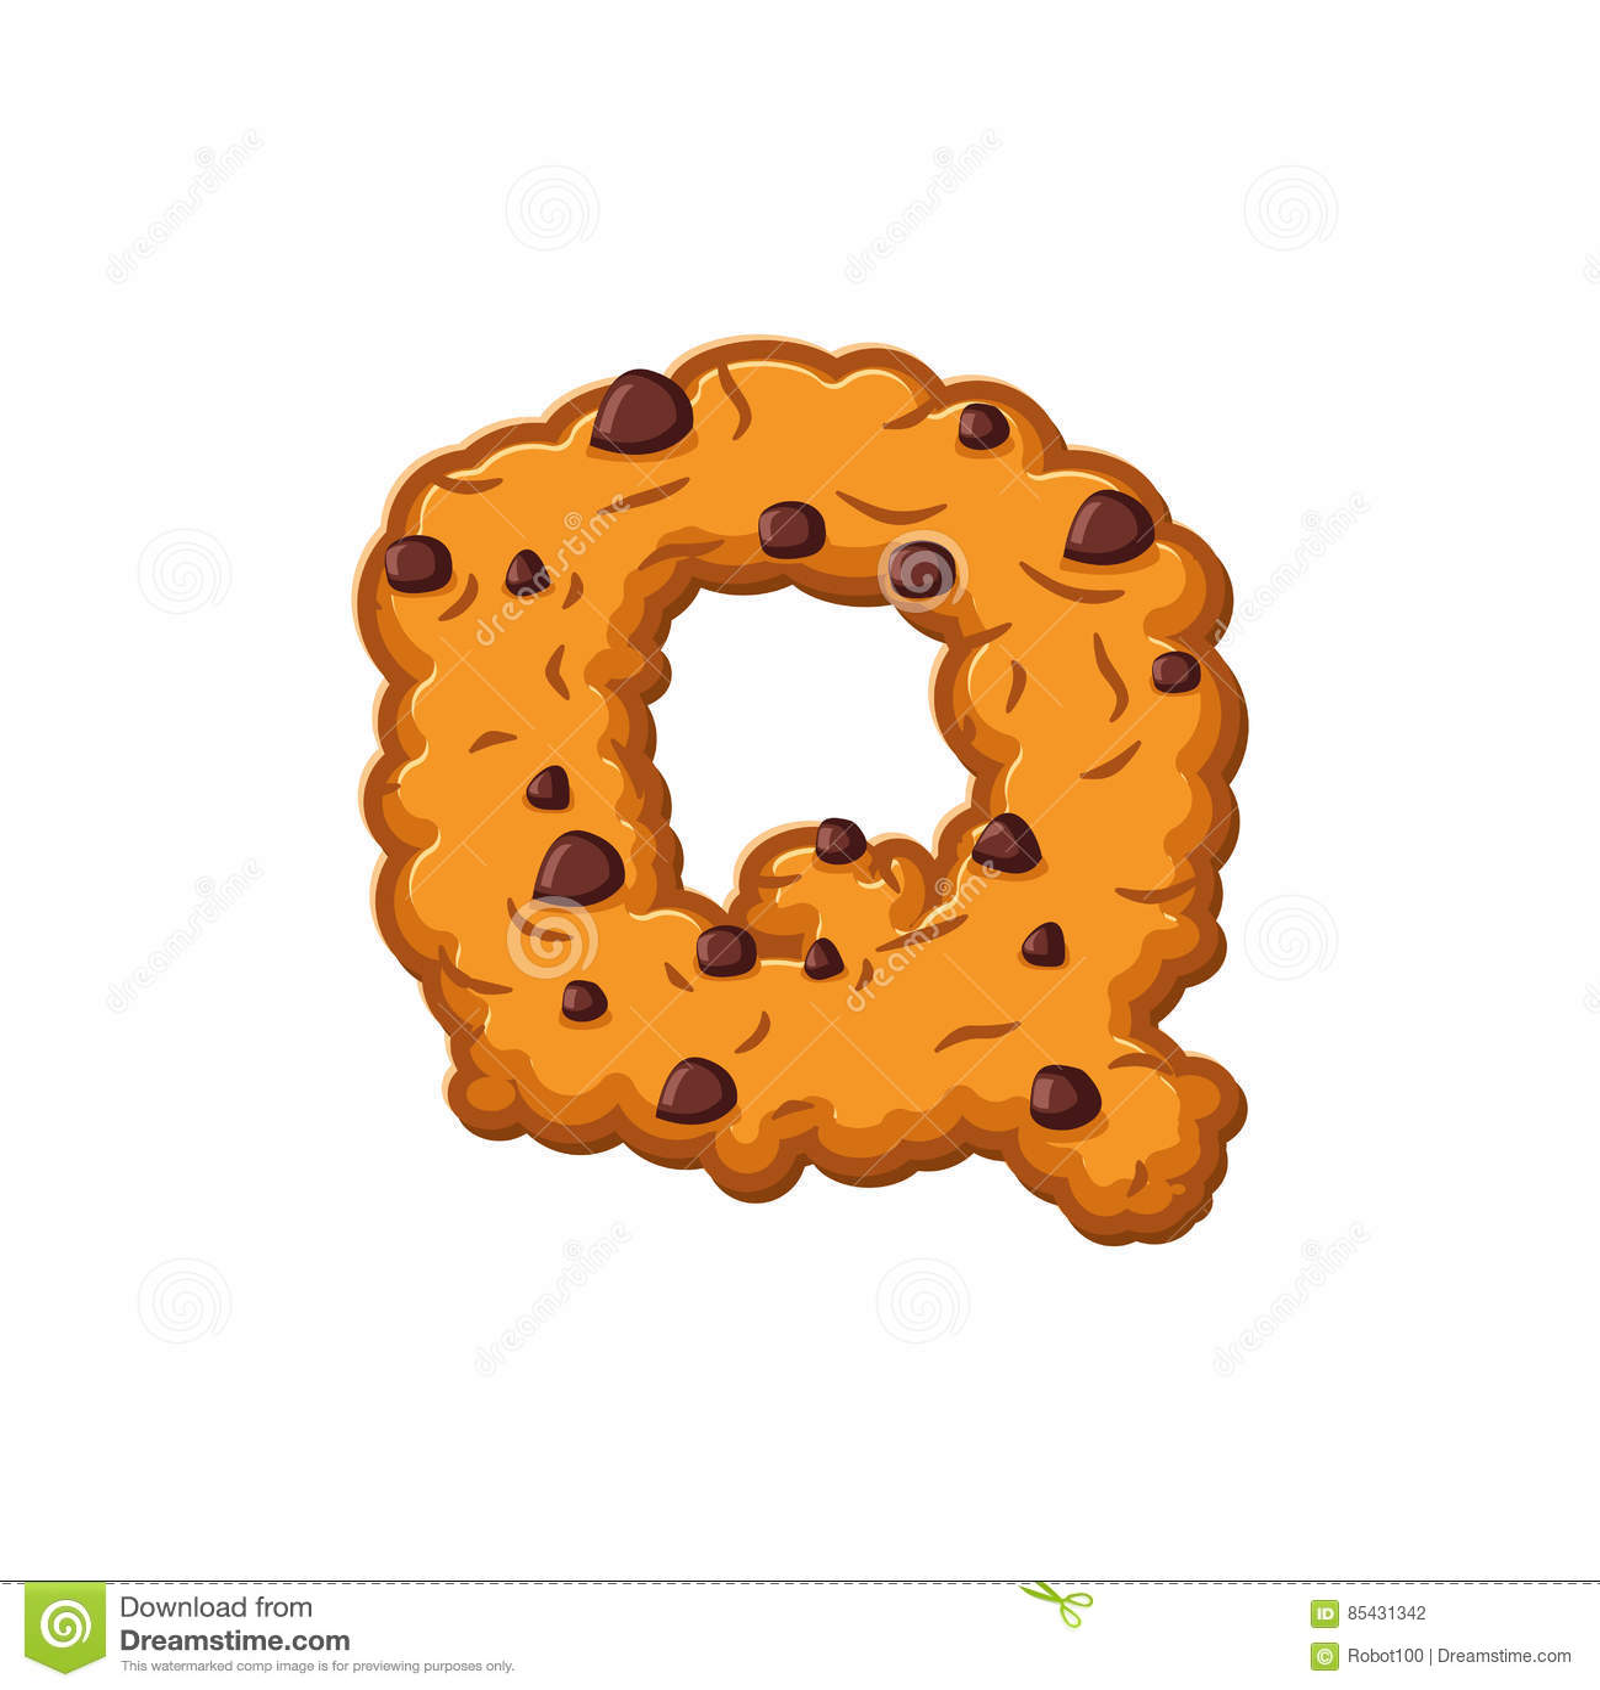 Biscuits De Lettre De Q Police De Biscuit Symbole D'alphabet De Biscuit De  Farine D'avoine Illustration de Vecteur - Illustration du alphabet, farine:  85431342